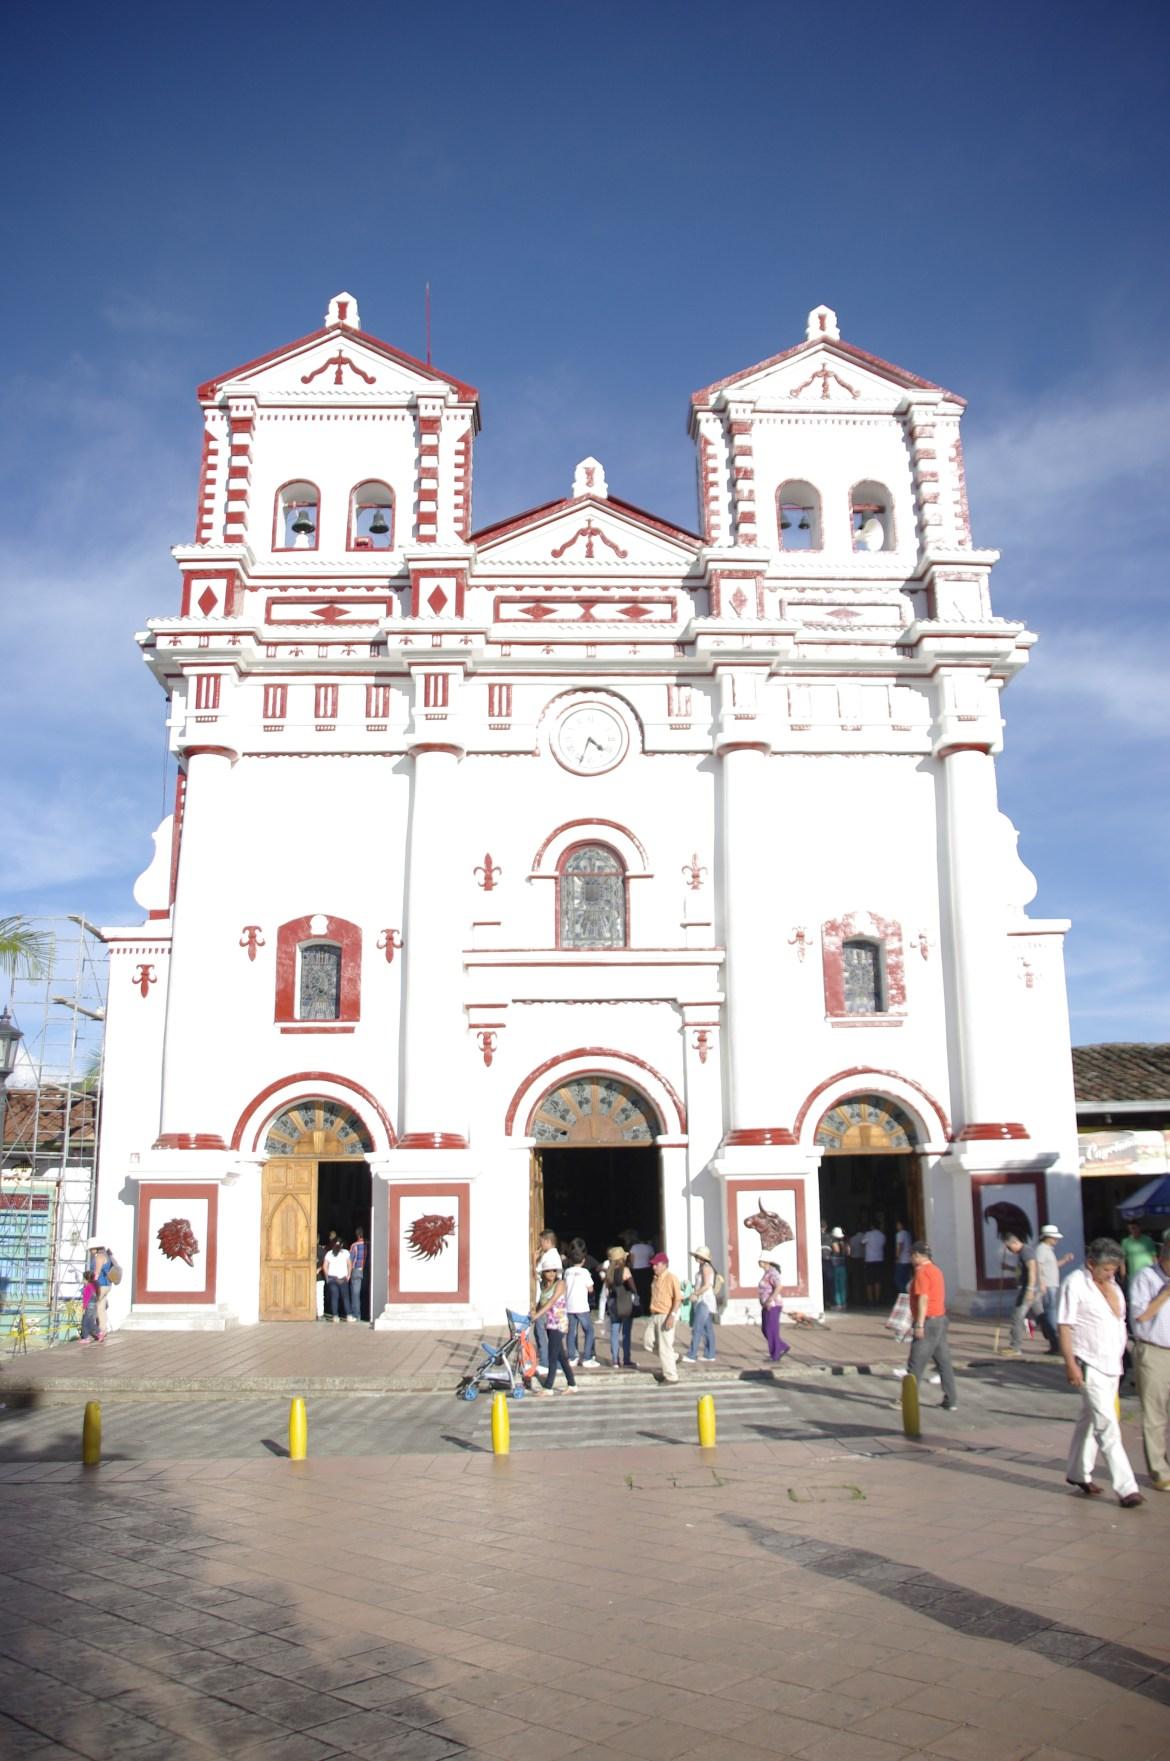 igp2358 - Medellin w Kolumbii - jakie jest naprawdę?